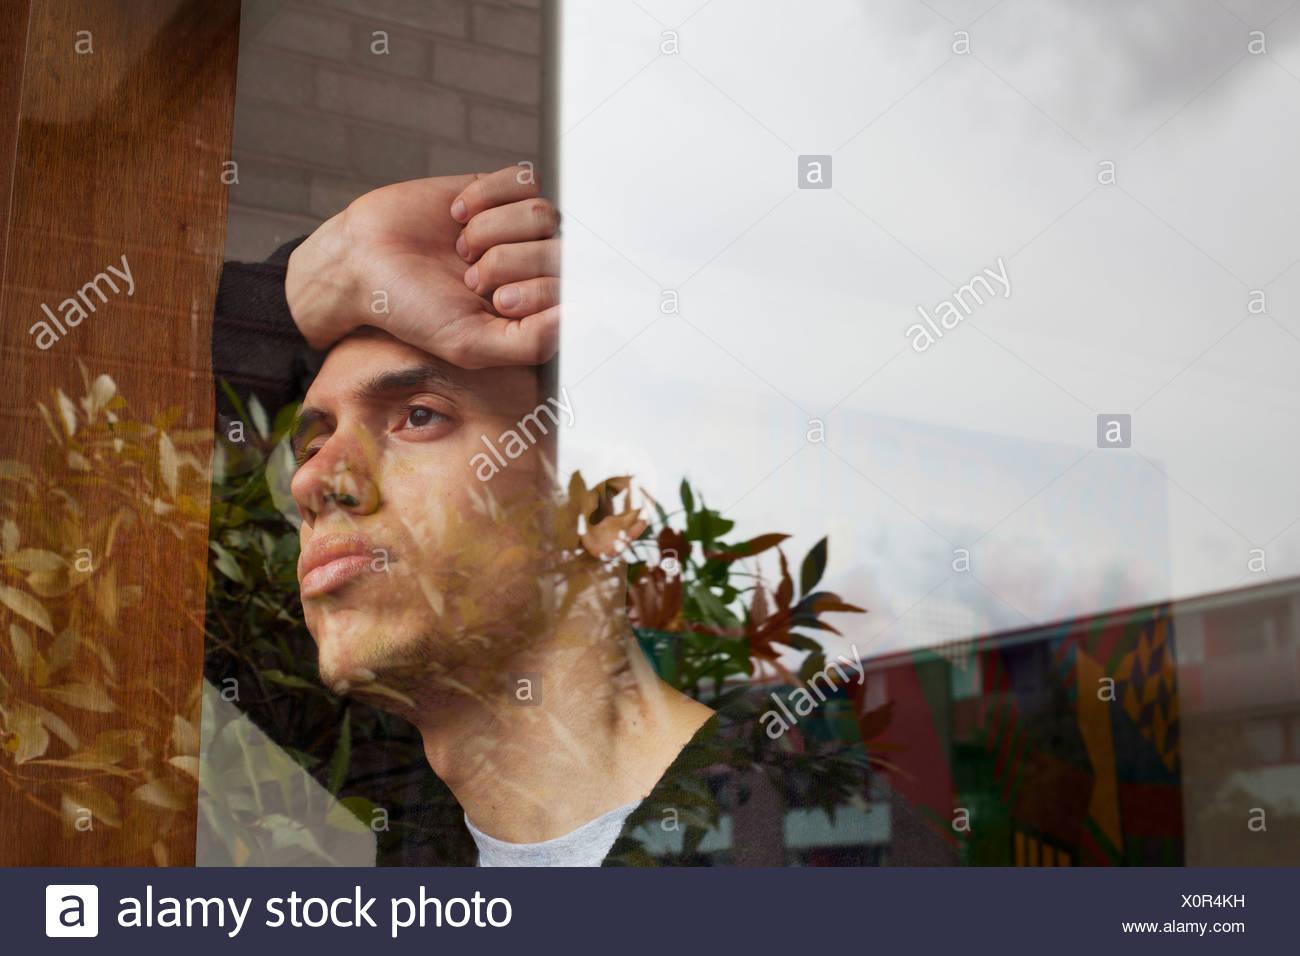 Hombre joven con las manos en la cabeza, mirando a través de la ventana Imagen De Stock